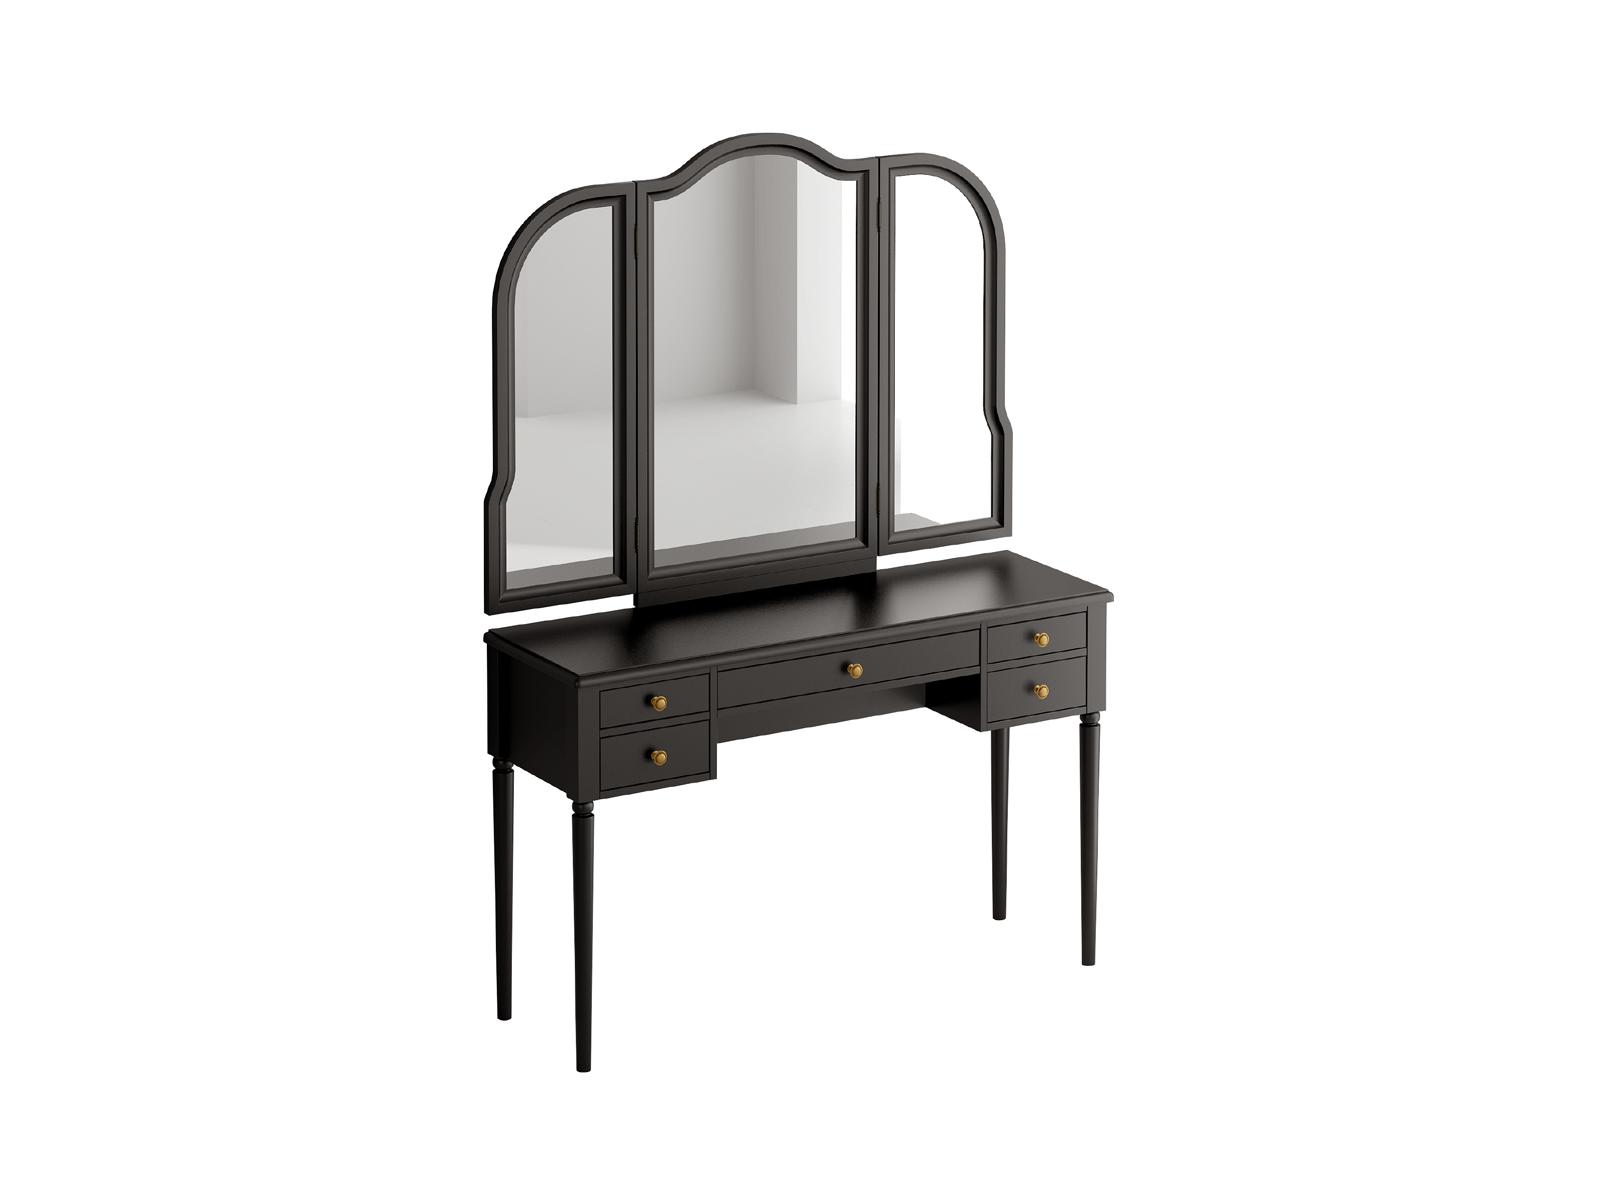 Туалетный столик с трельяжем BluesТуалетные столики<br>Туалетный столик с пятью выдвижными ящиками. Трельяж Blues представляет собой настенное зеркало с двумя распашными створками. Зеркала фигурные, рамочно-филенчатой конструкции. Столик и трельяж необходимо крепить к стене.<br>